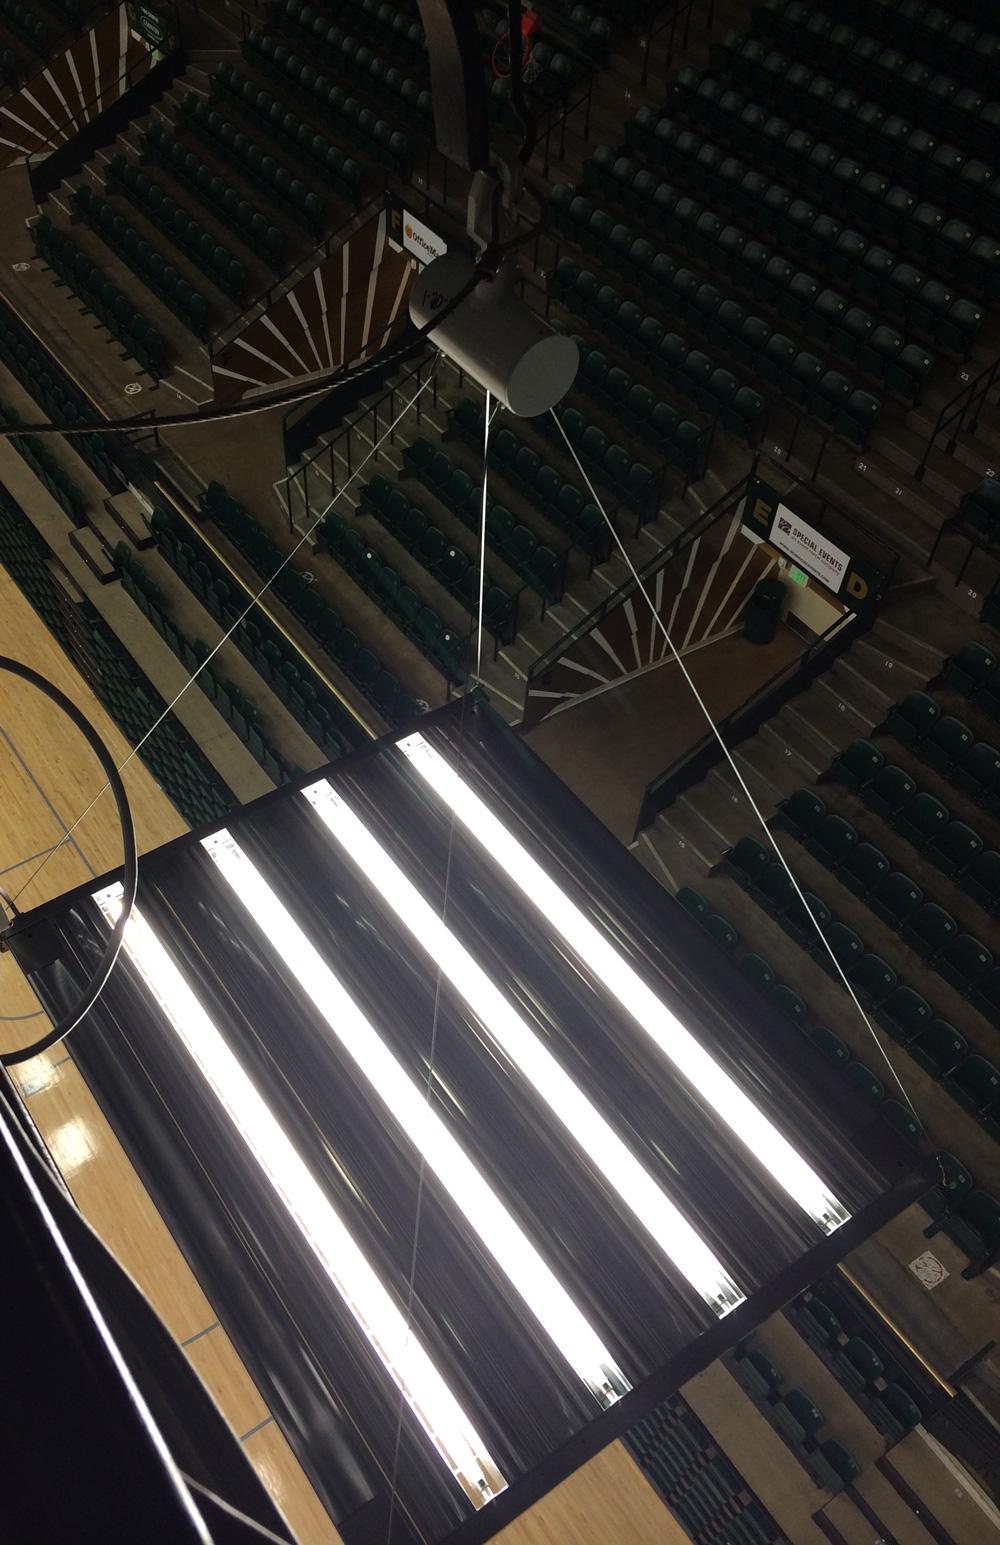 IK10 Lighting Fixture - Moby Gym